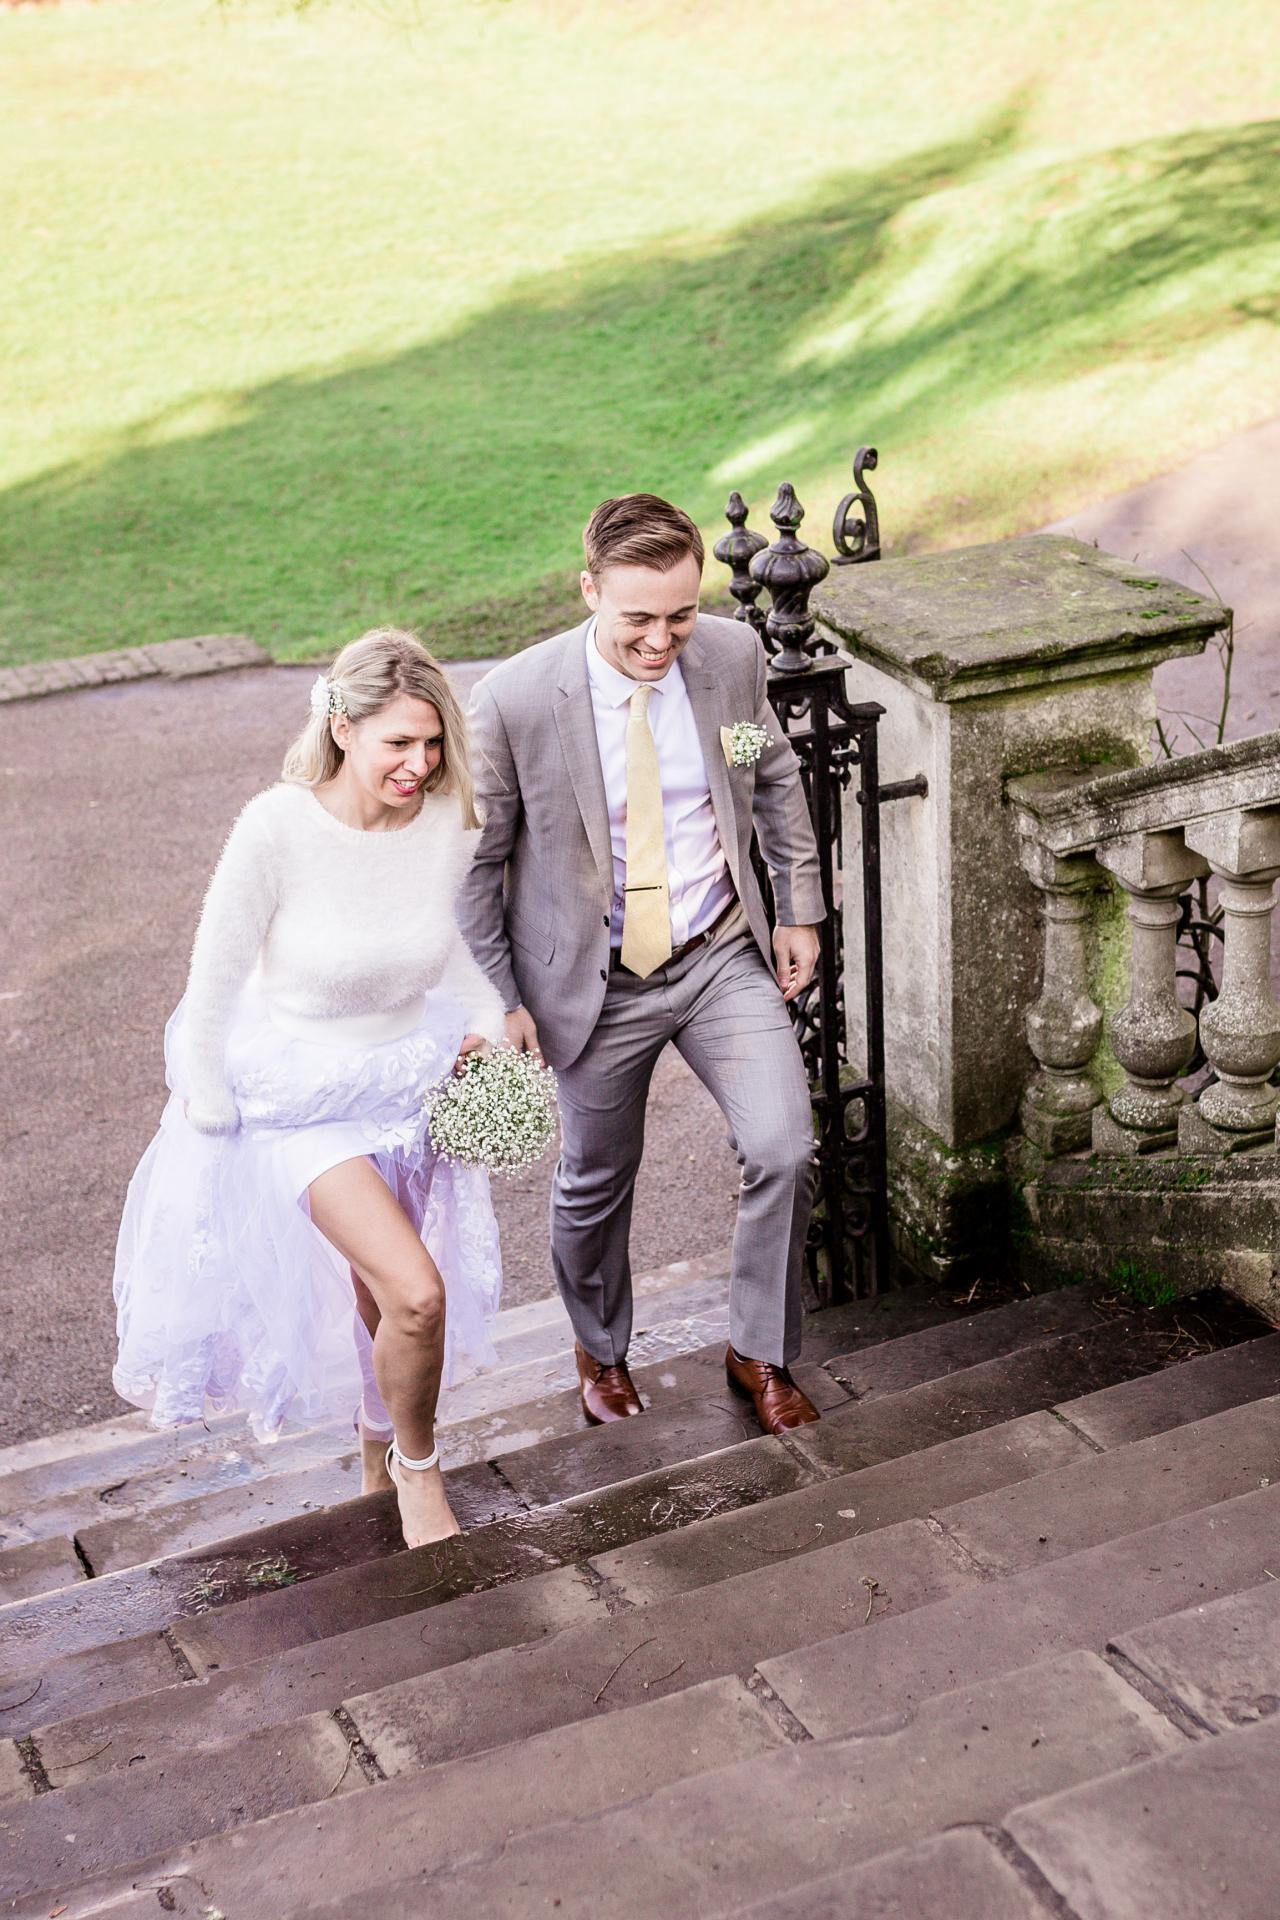 York House Twickenham Elopement Paar Bild | Neue Freunde kommen in die Gärten des York House, um einen Blick auf die wunderschöne englische Natur zu werfen und Hochzeitsfotos zu machen